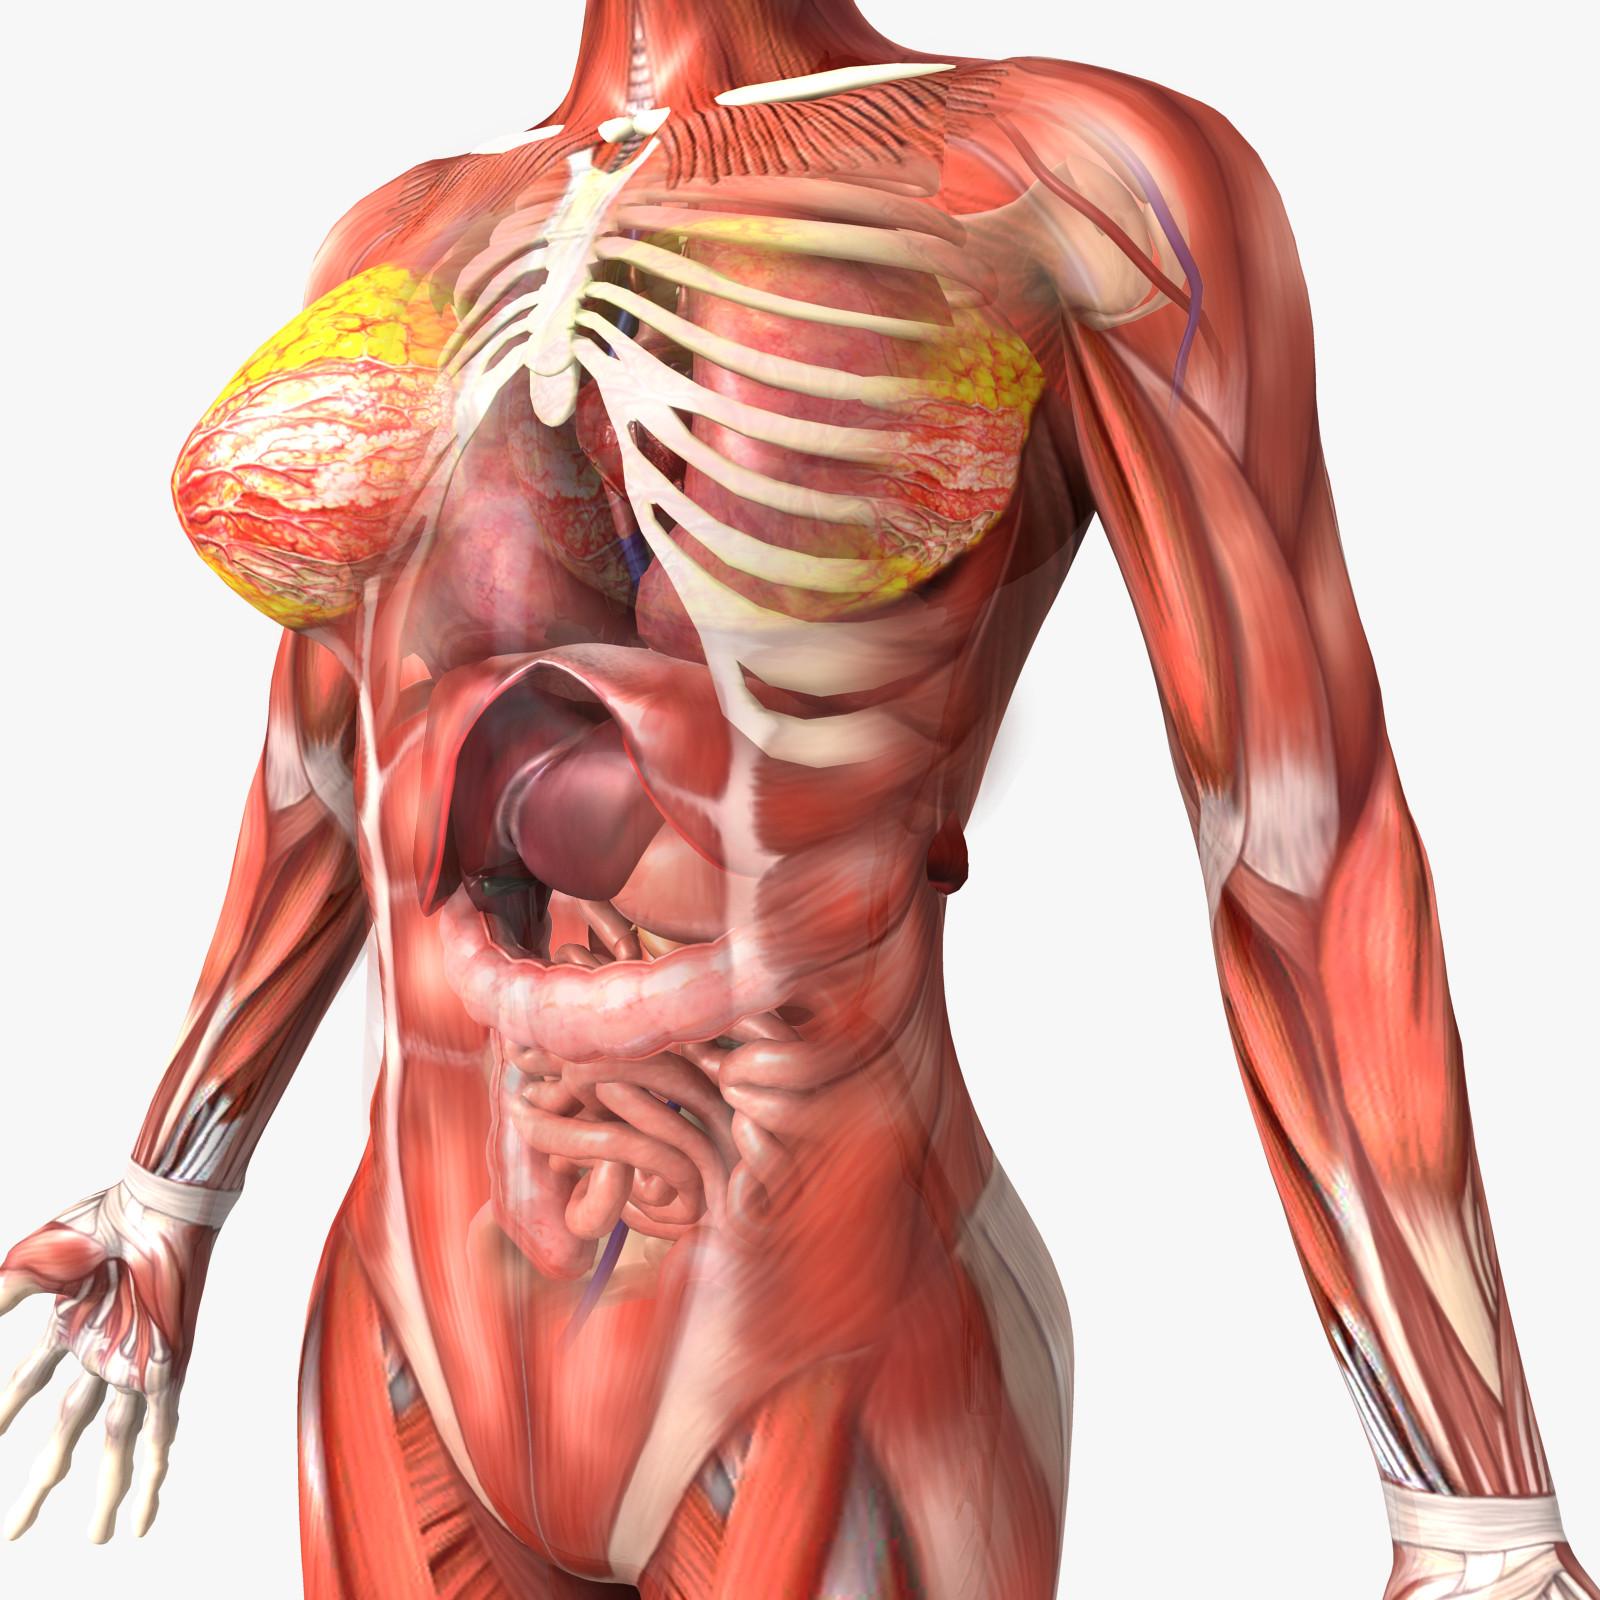 Female hymen anatomy